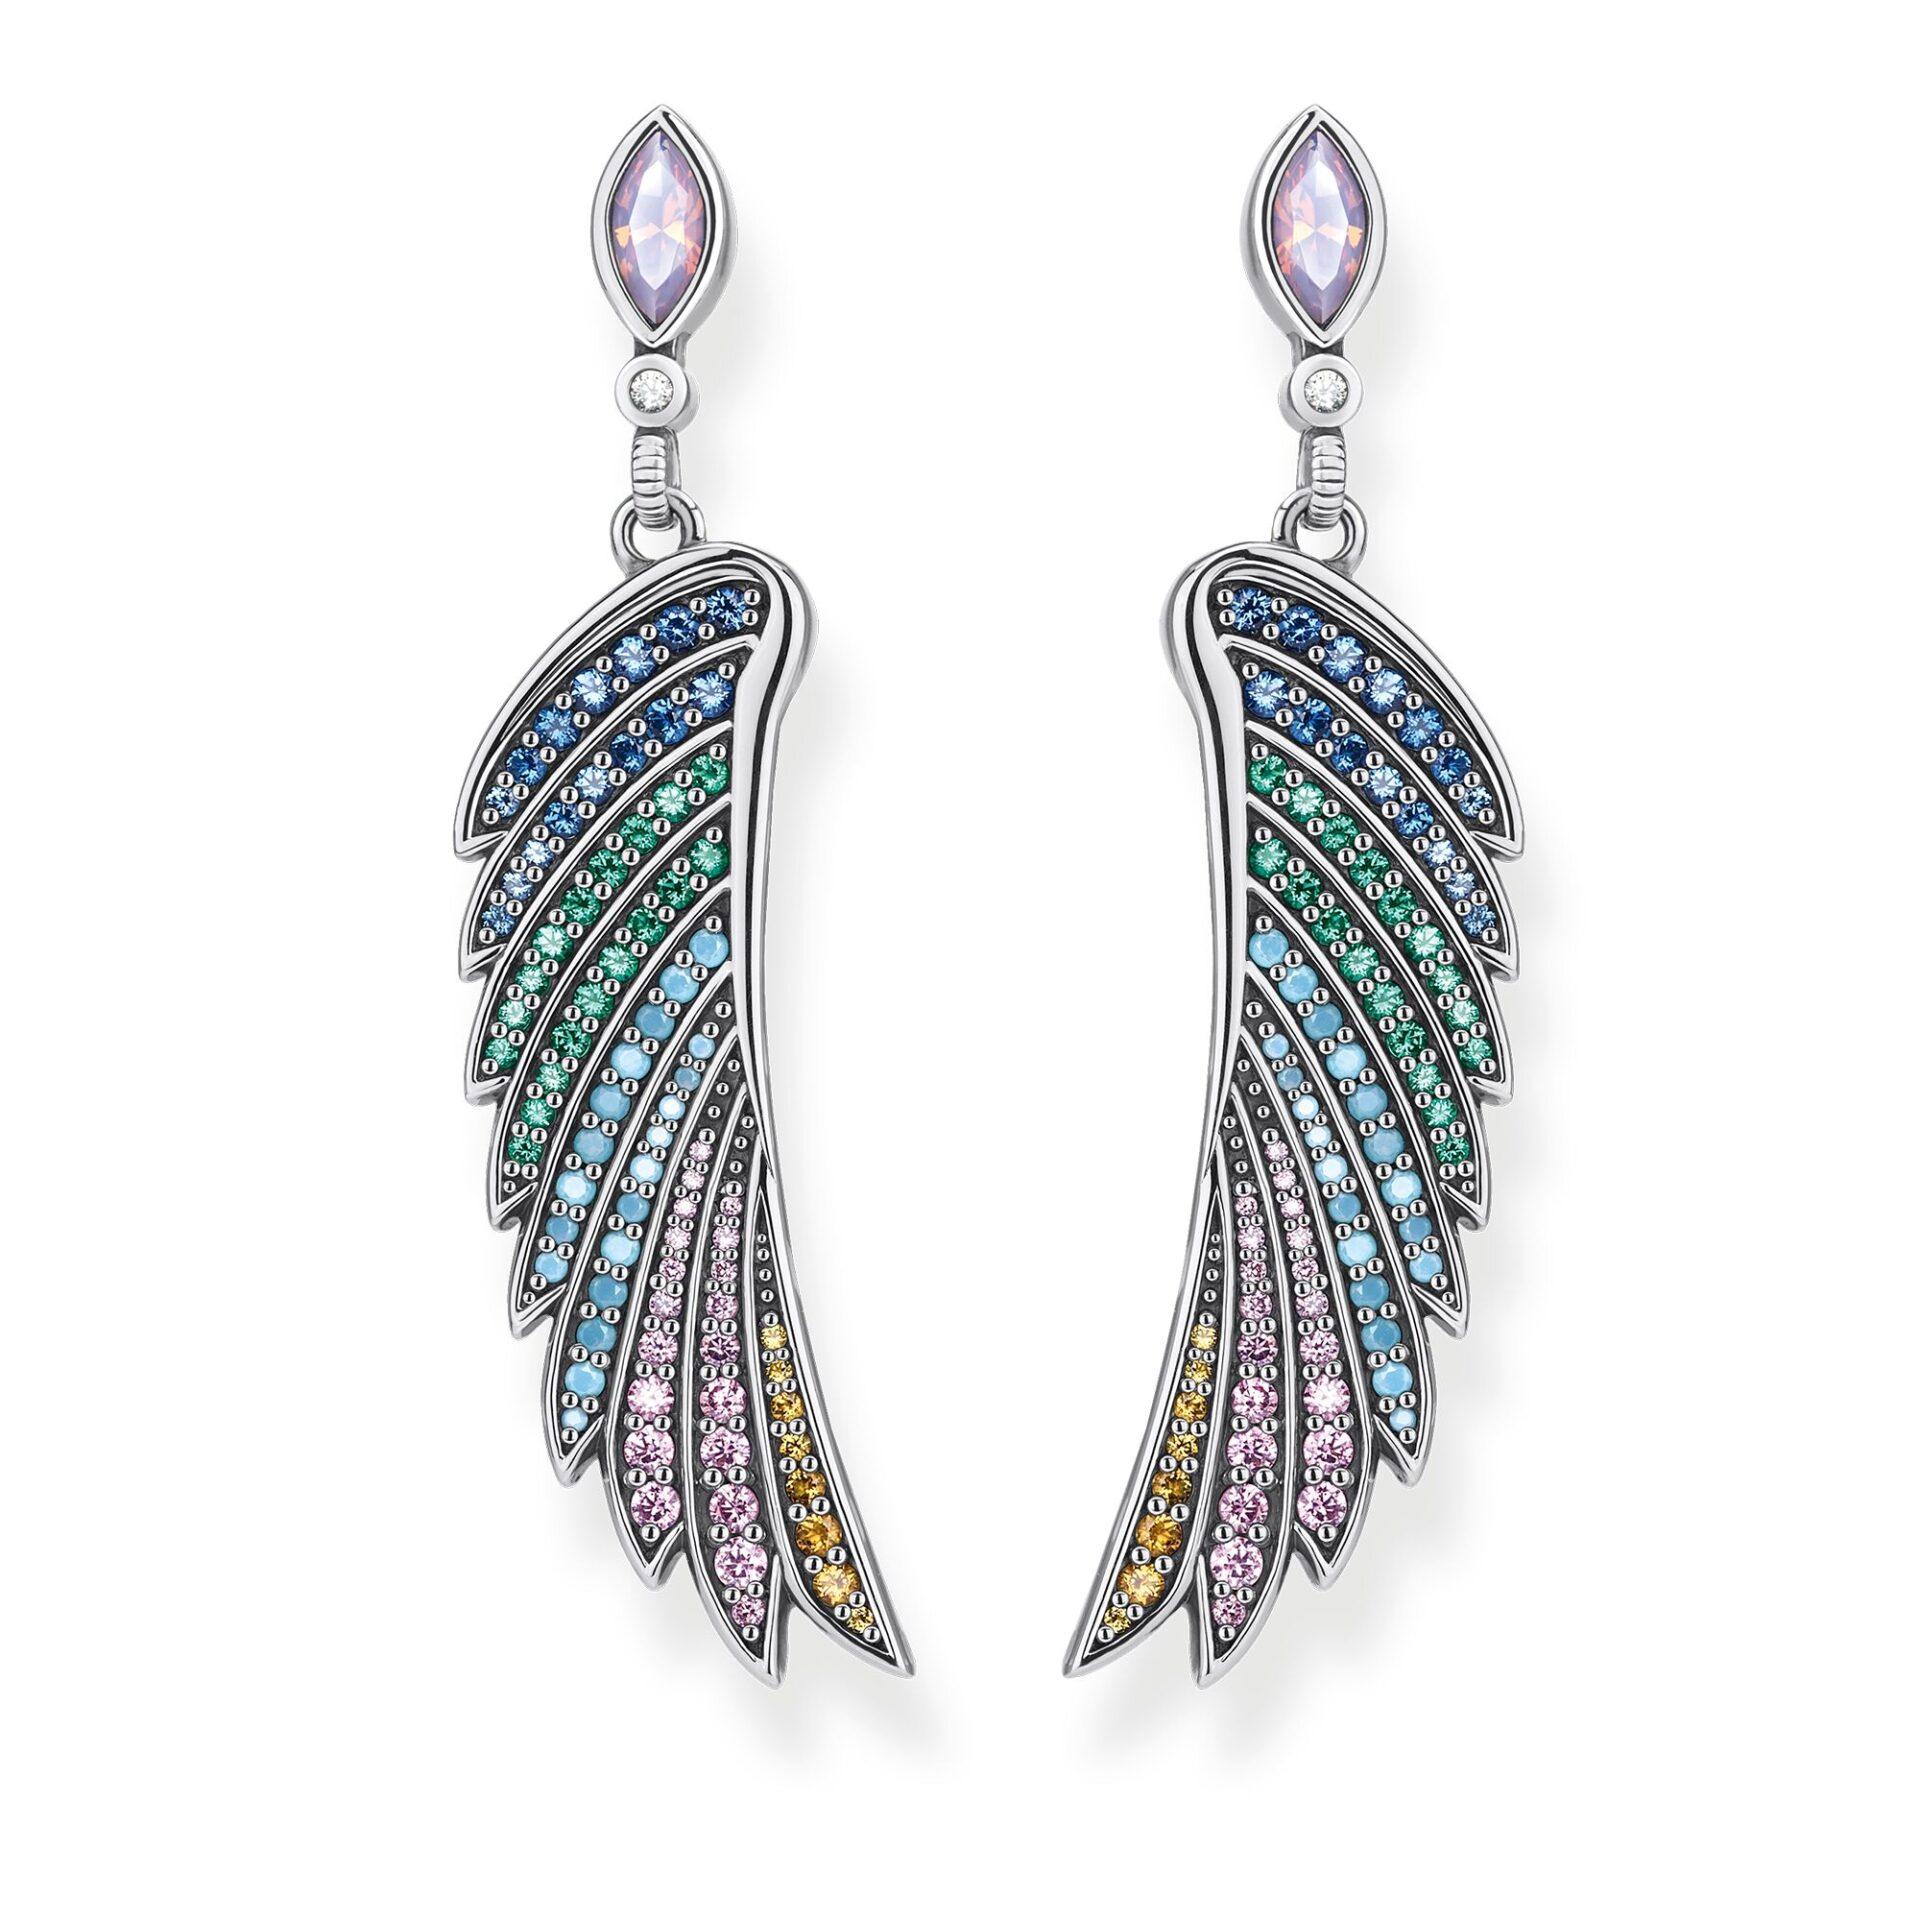 Boucles d'oreilles aile de colibri multicolore argent, Thomas Sabo